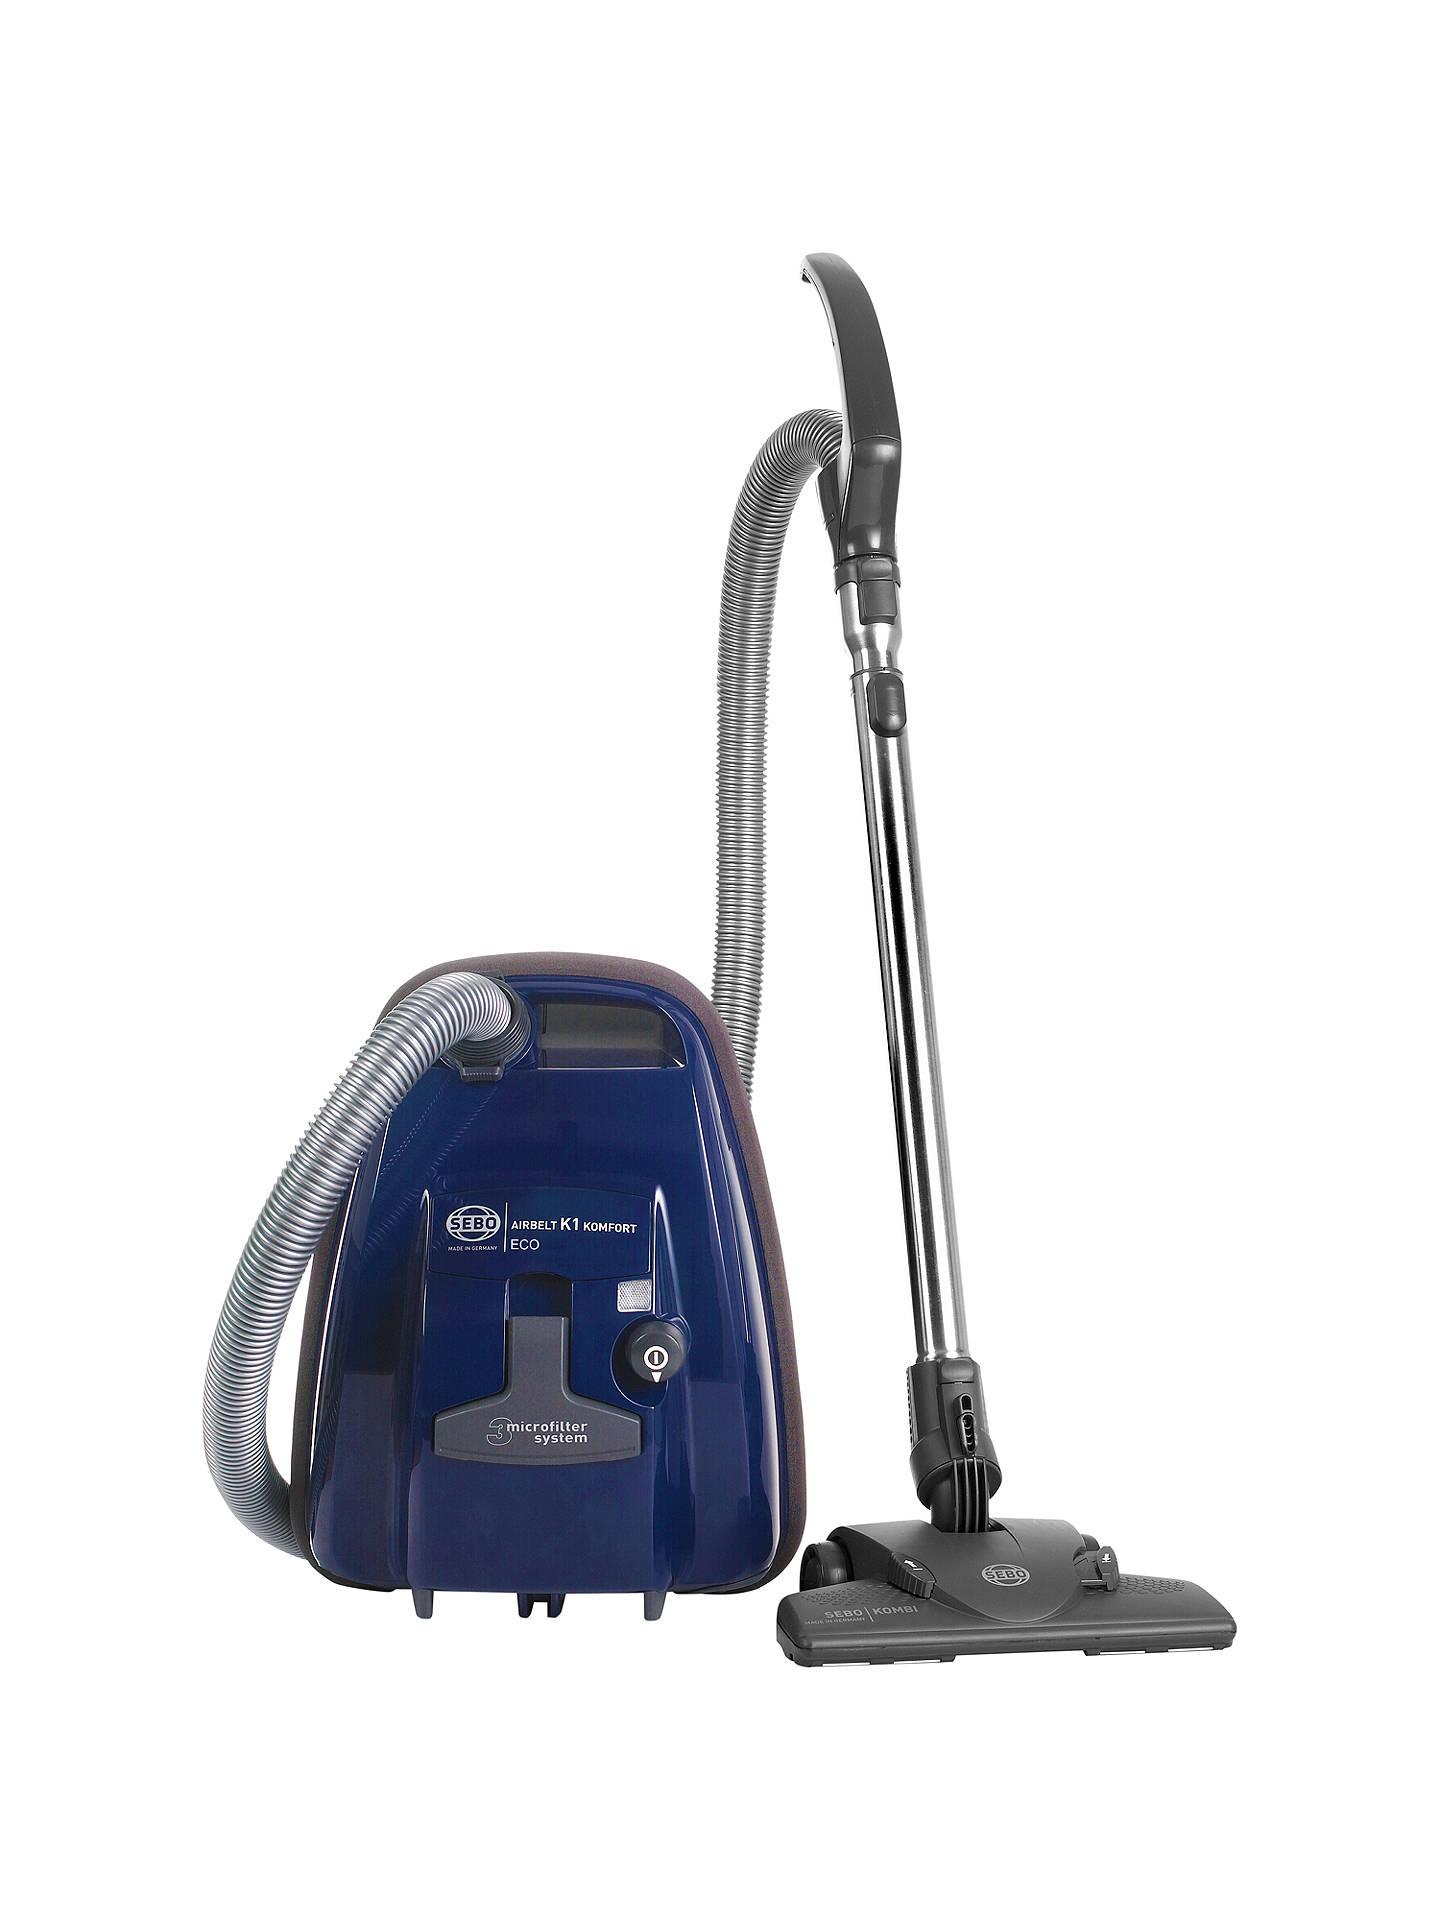 sebo k1 komfort eco cylinder vacuum cleaner blue at john. Black Bedroom Furniture Sets. Home Design Ideas